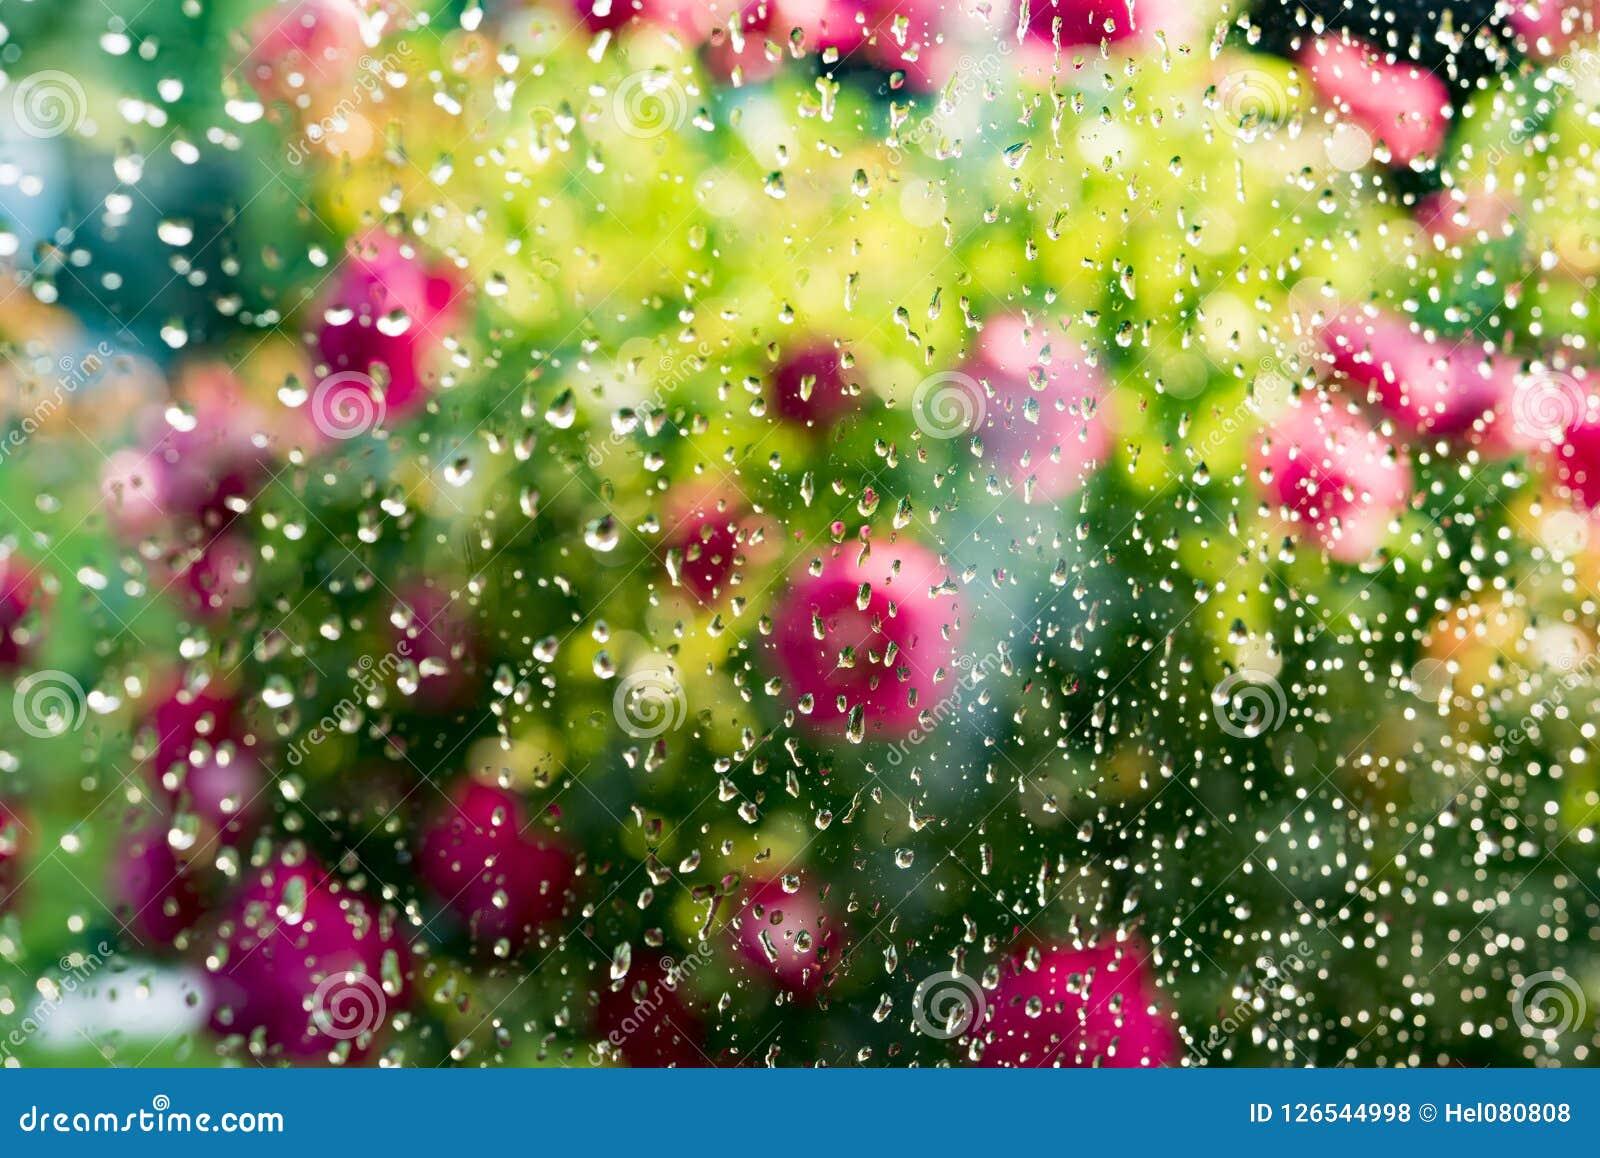 Sommerregen auf Fenster Unscharfer blühender Rosenbusch hinter Glas des Fensters mit Regentropfen